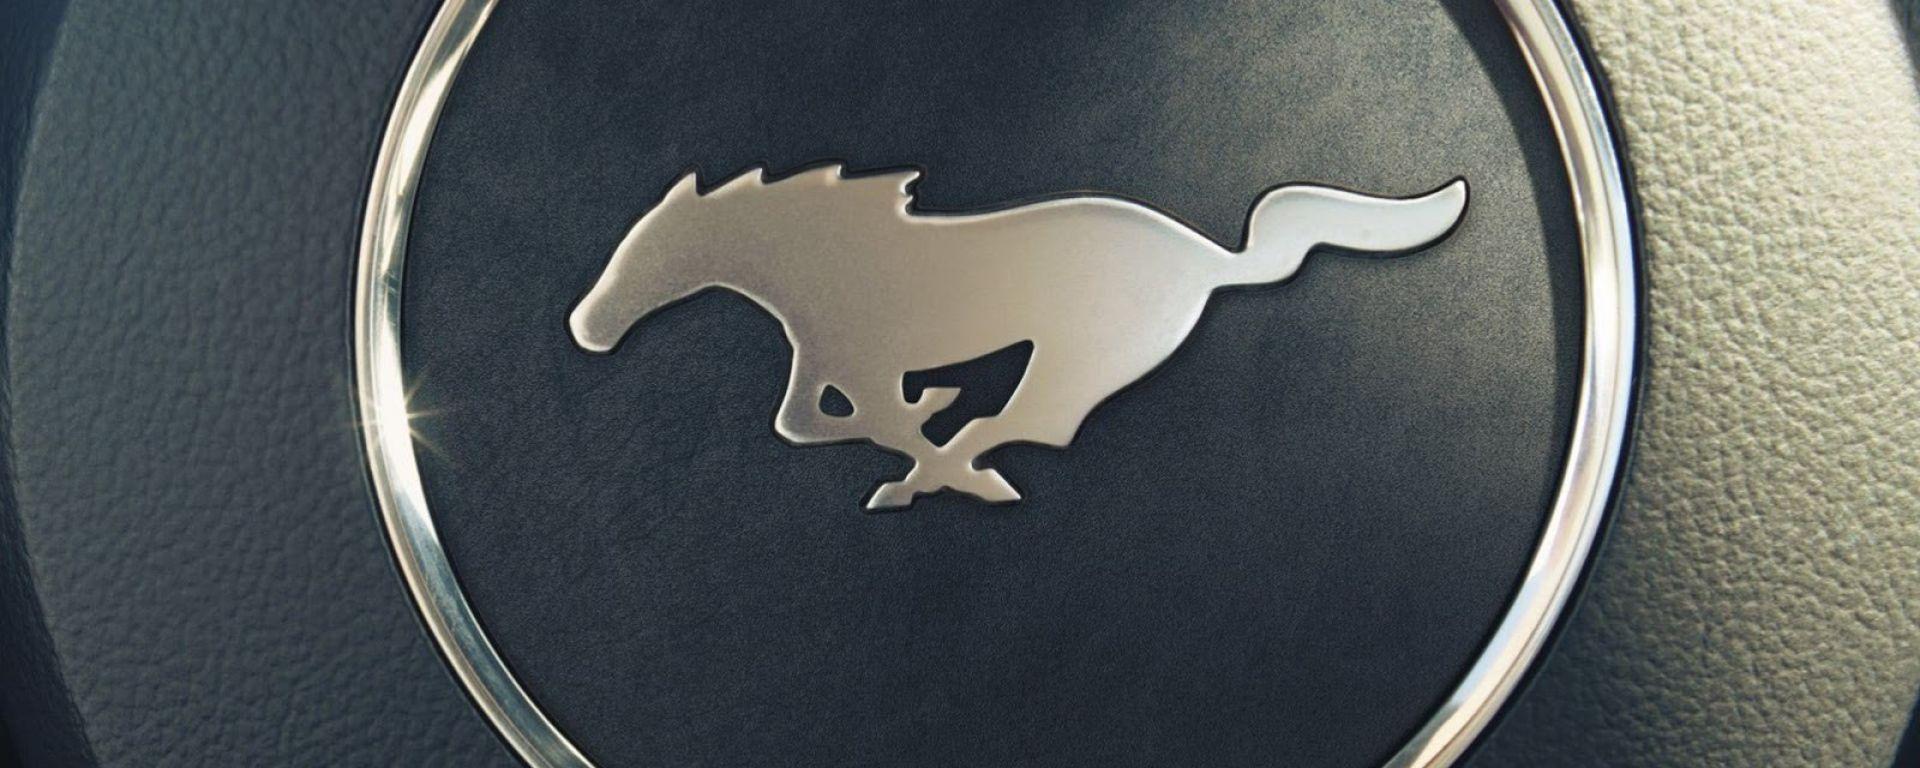 Mustang, il segreto è nel nome